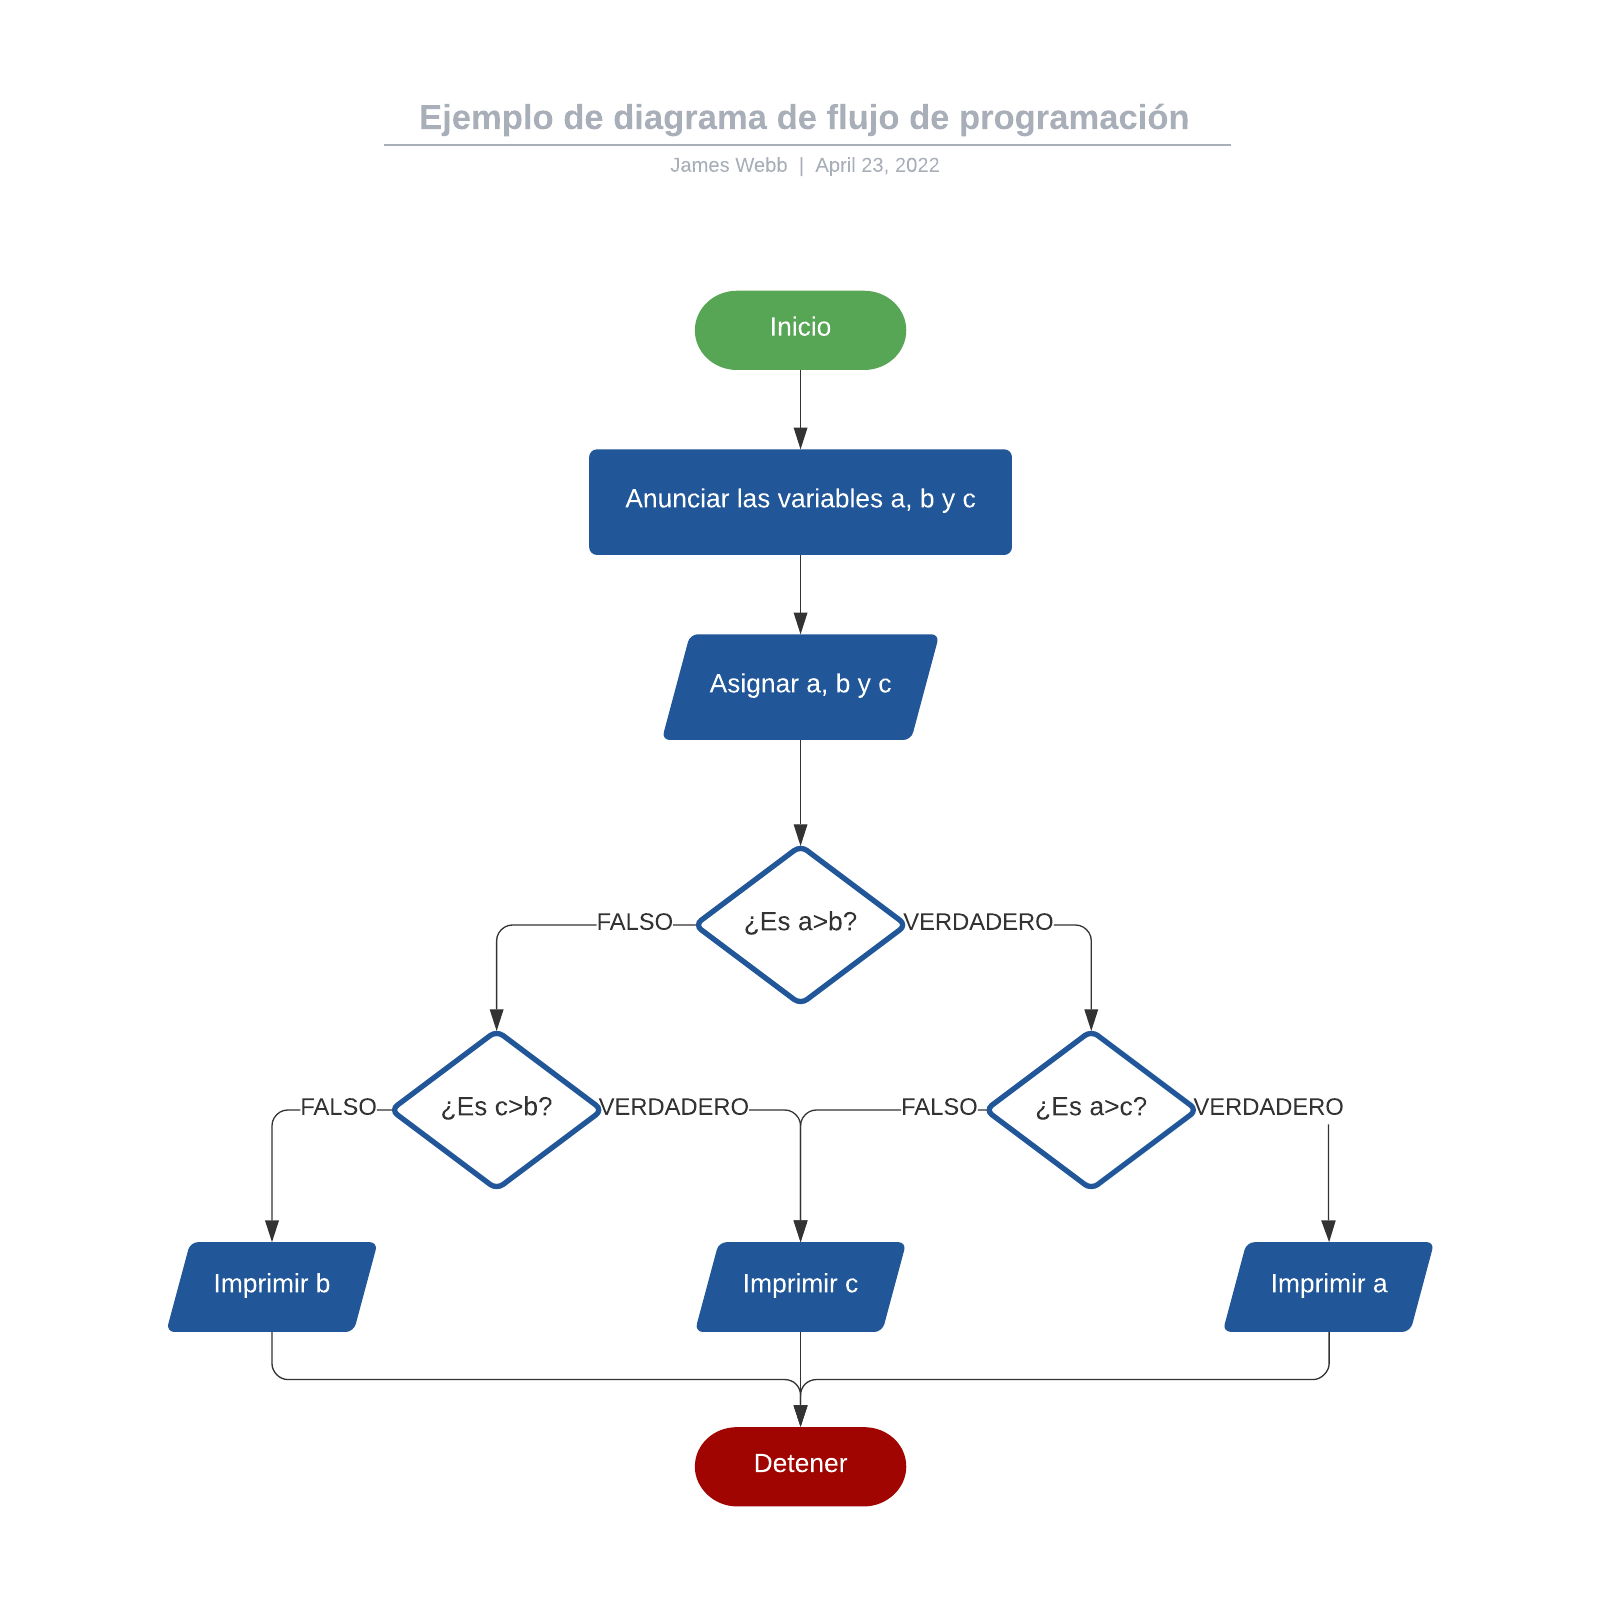 Ejemplo de diagrama de flujo de programación